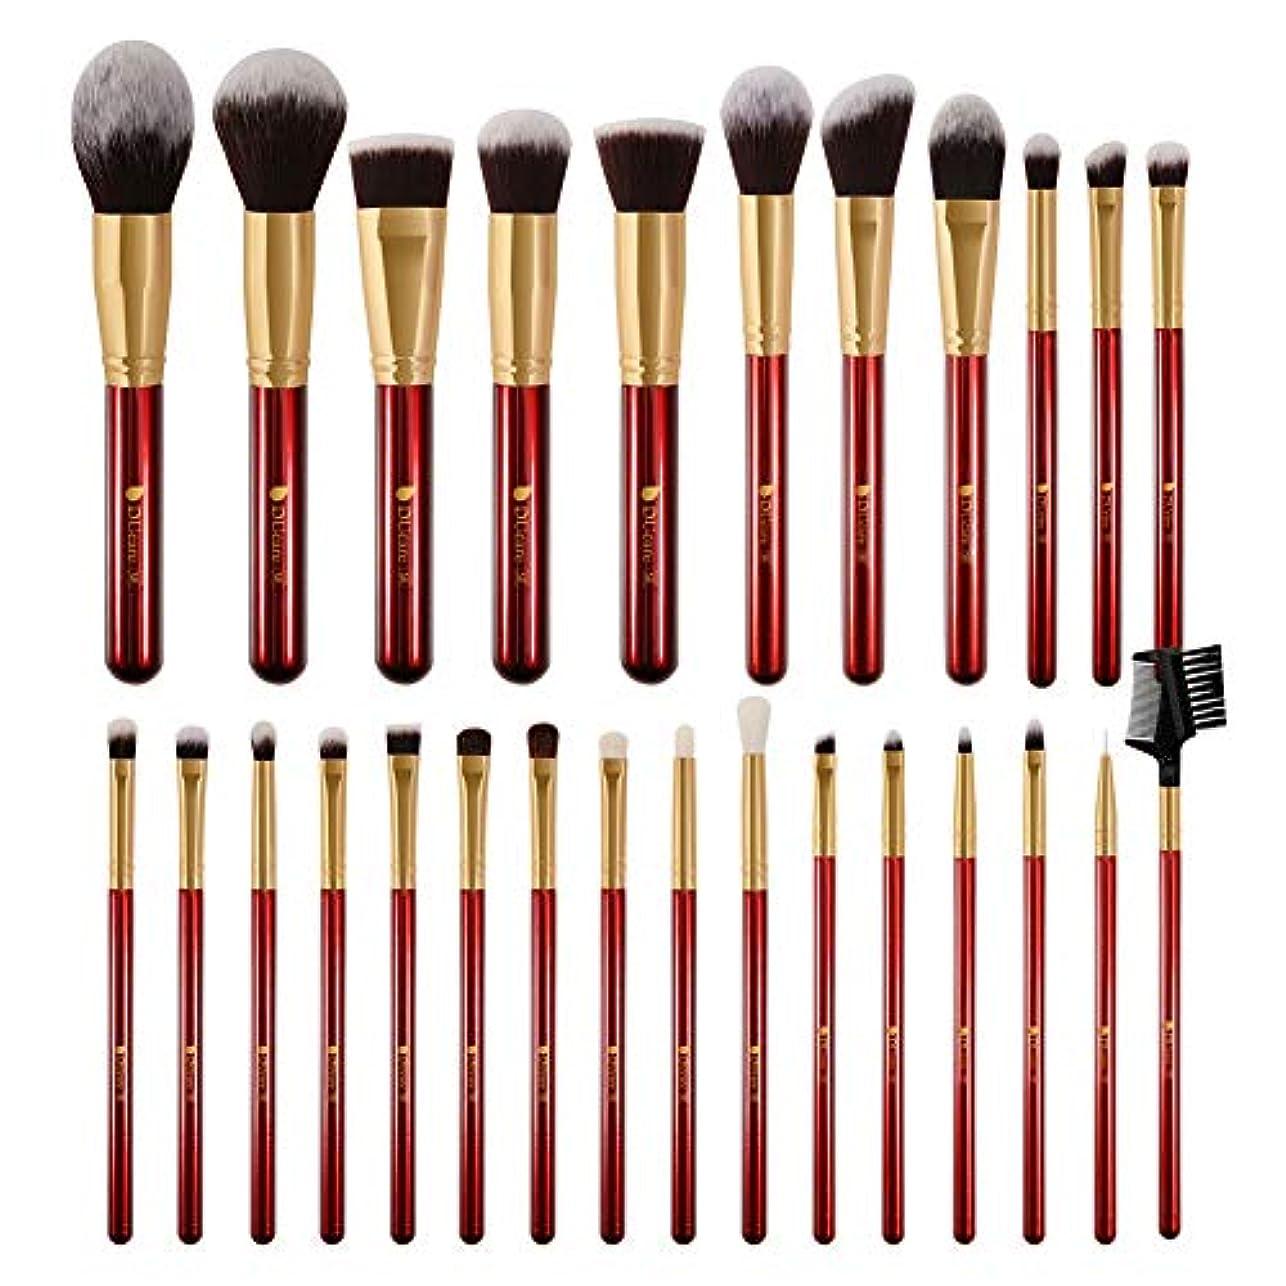 四半期正確つらいDUcare ドゥケア メイクブラシ 27本セット 化粧筆 フェイスブラシ PBT毛&天然毛 (赤) 同シリーズでブラックあり